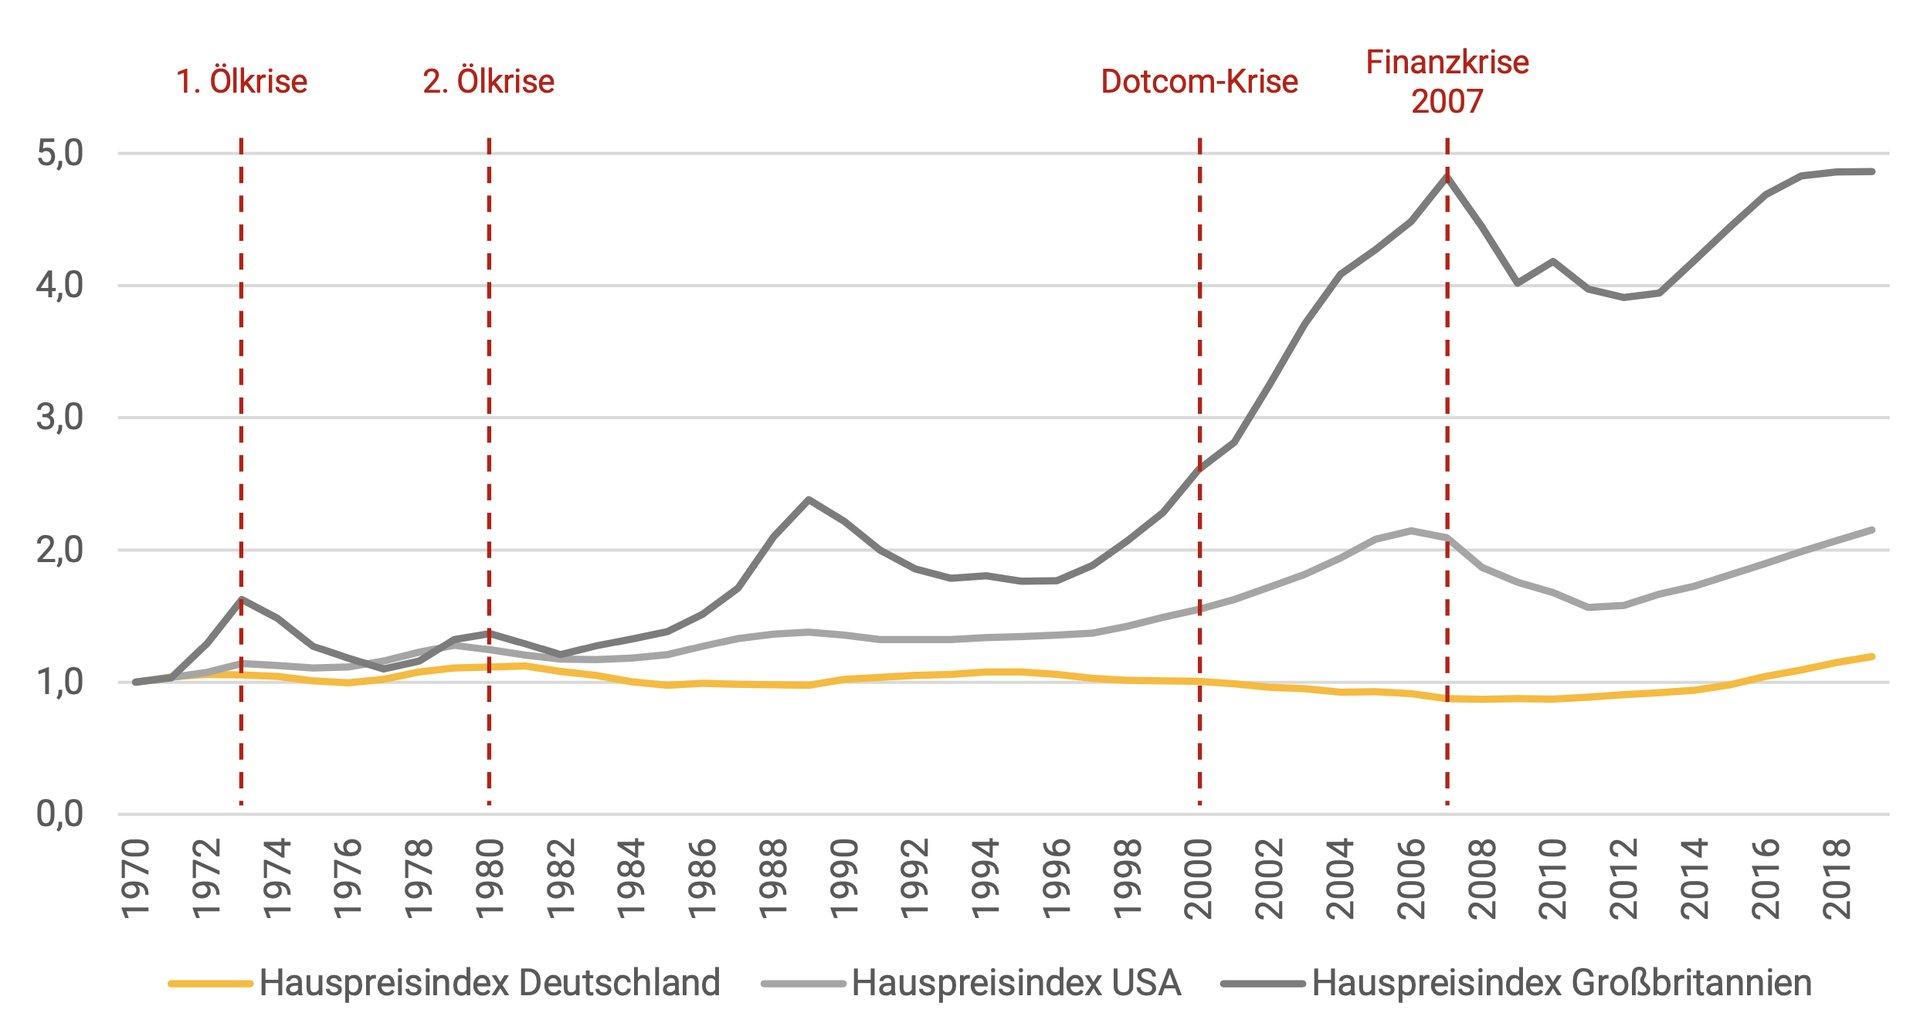 Abbildung 125. Entwicklung der Hauspreisindizes in Deutschland, Großbritannien und USA von 1970 bis 2019